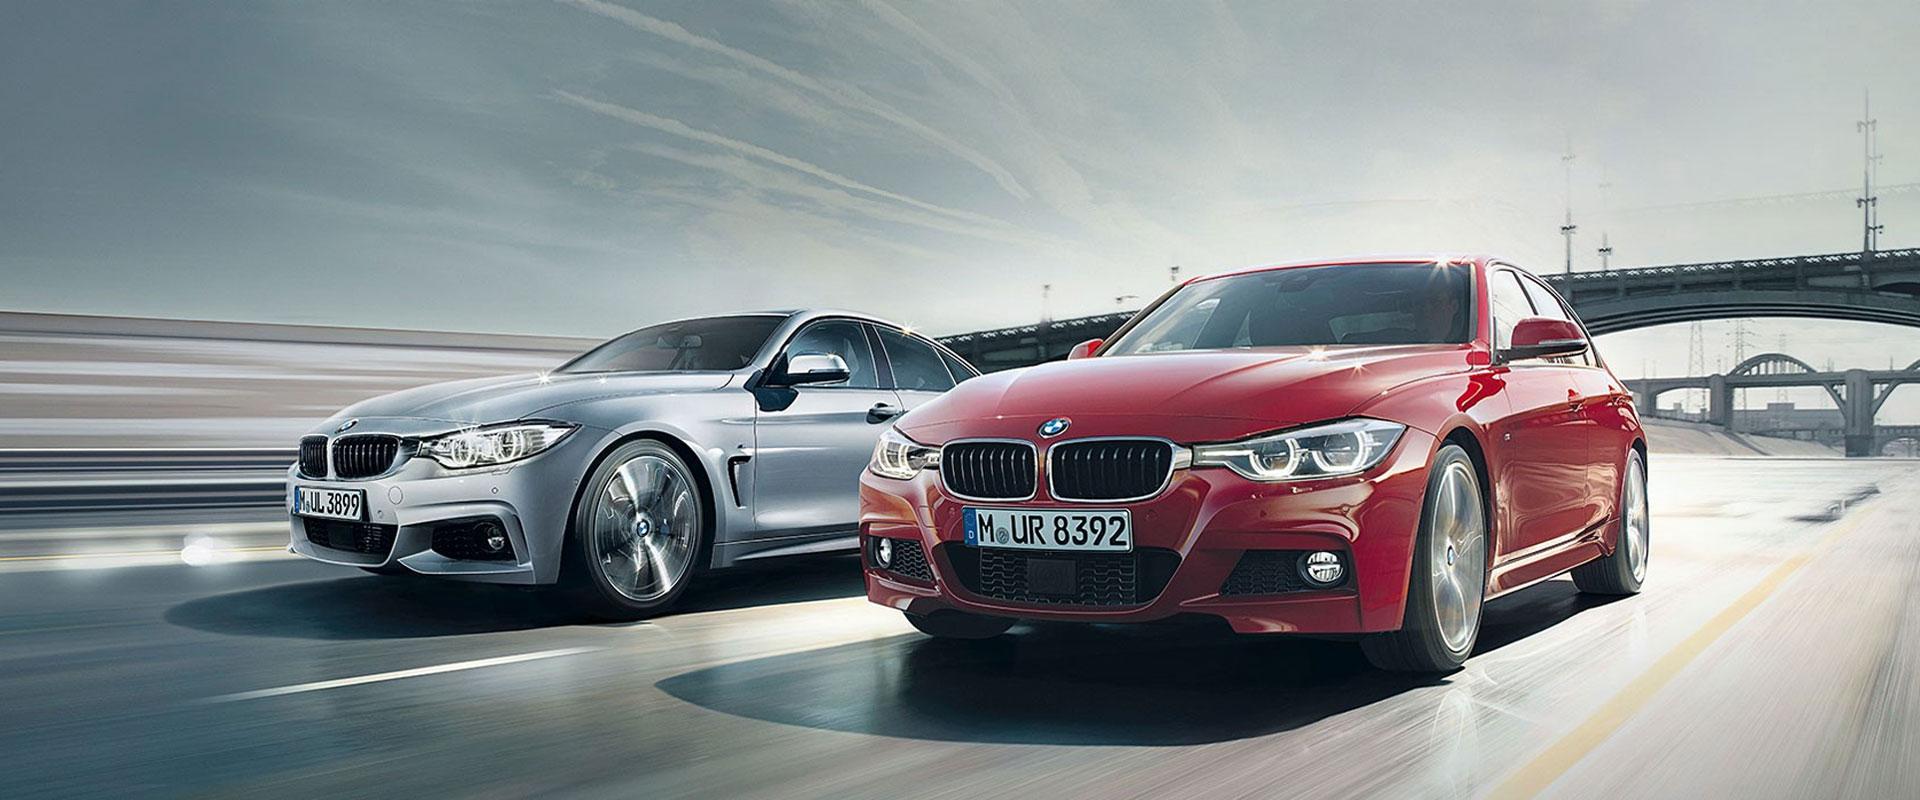 BMW Winger